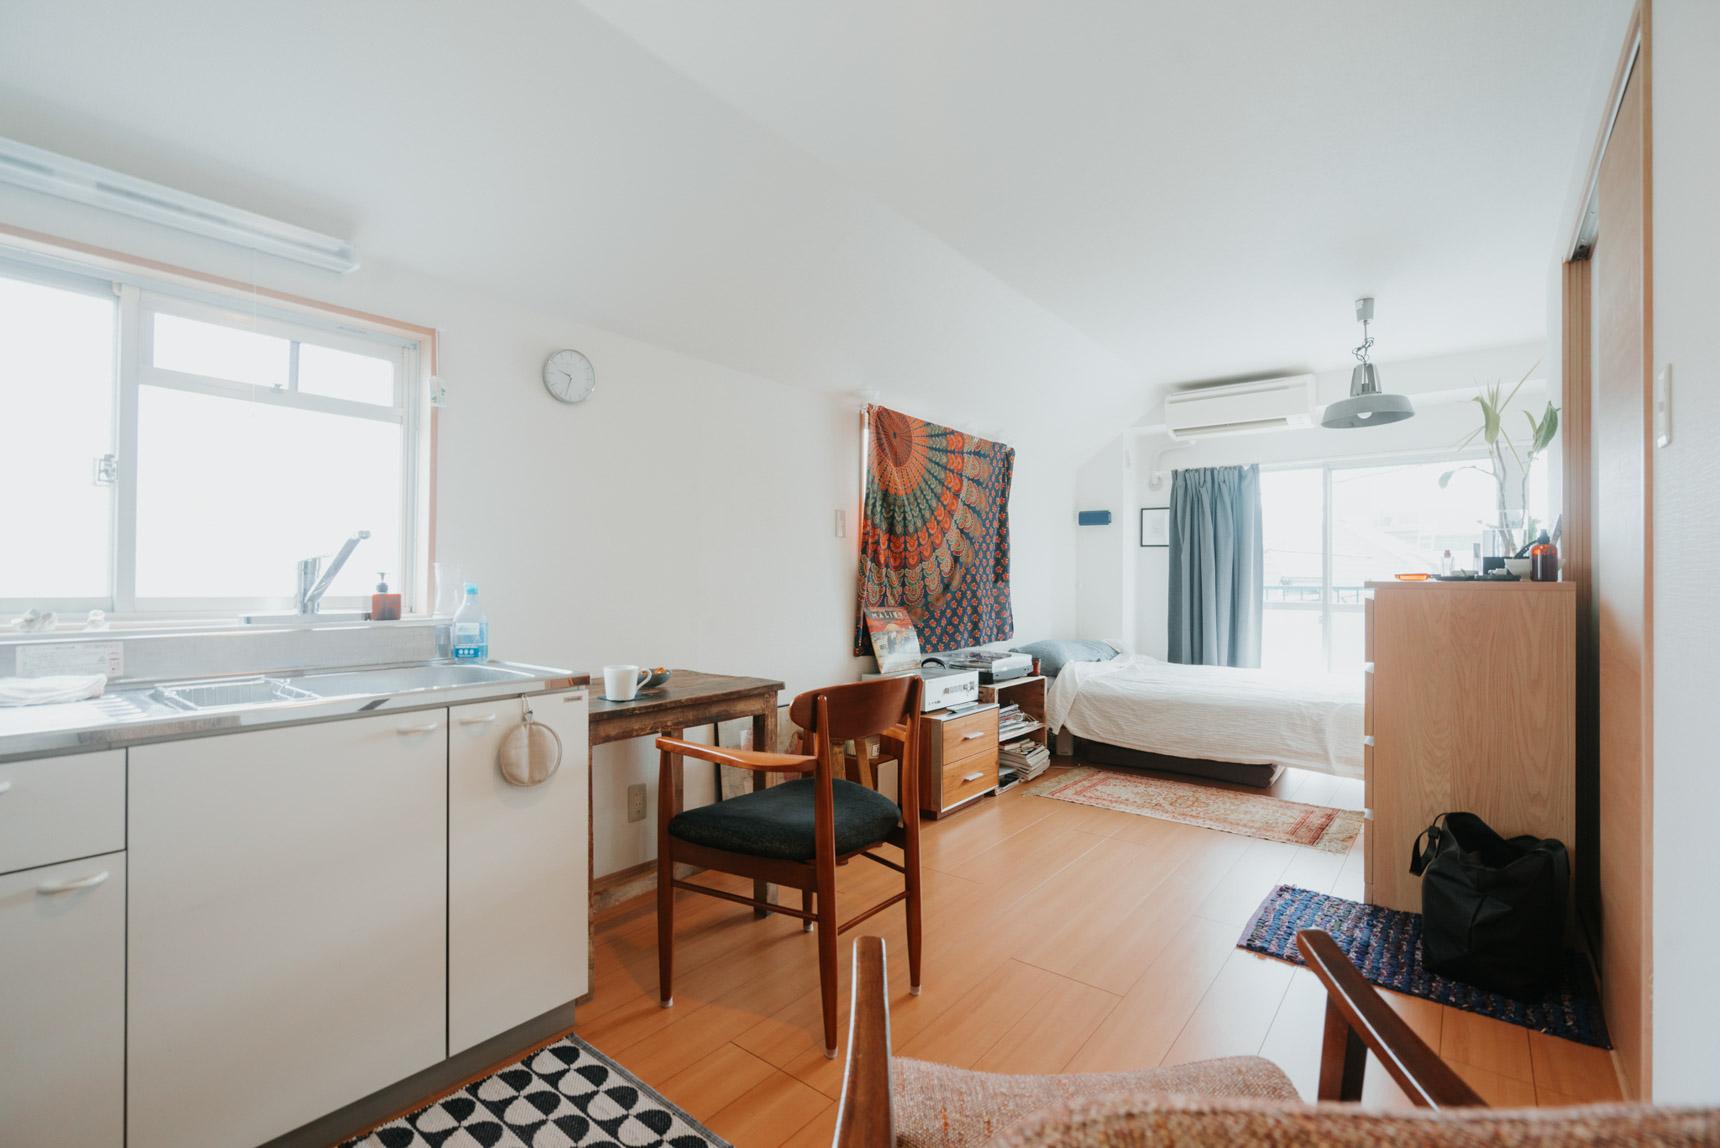 広めのワンルームで一人暮らしをするTetsuさんのお部屋。